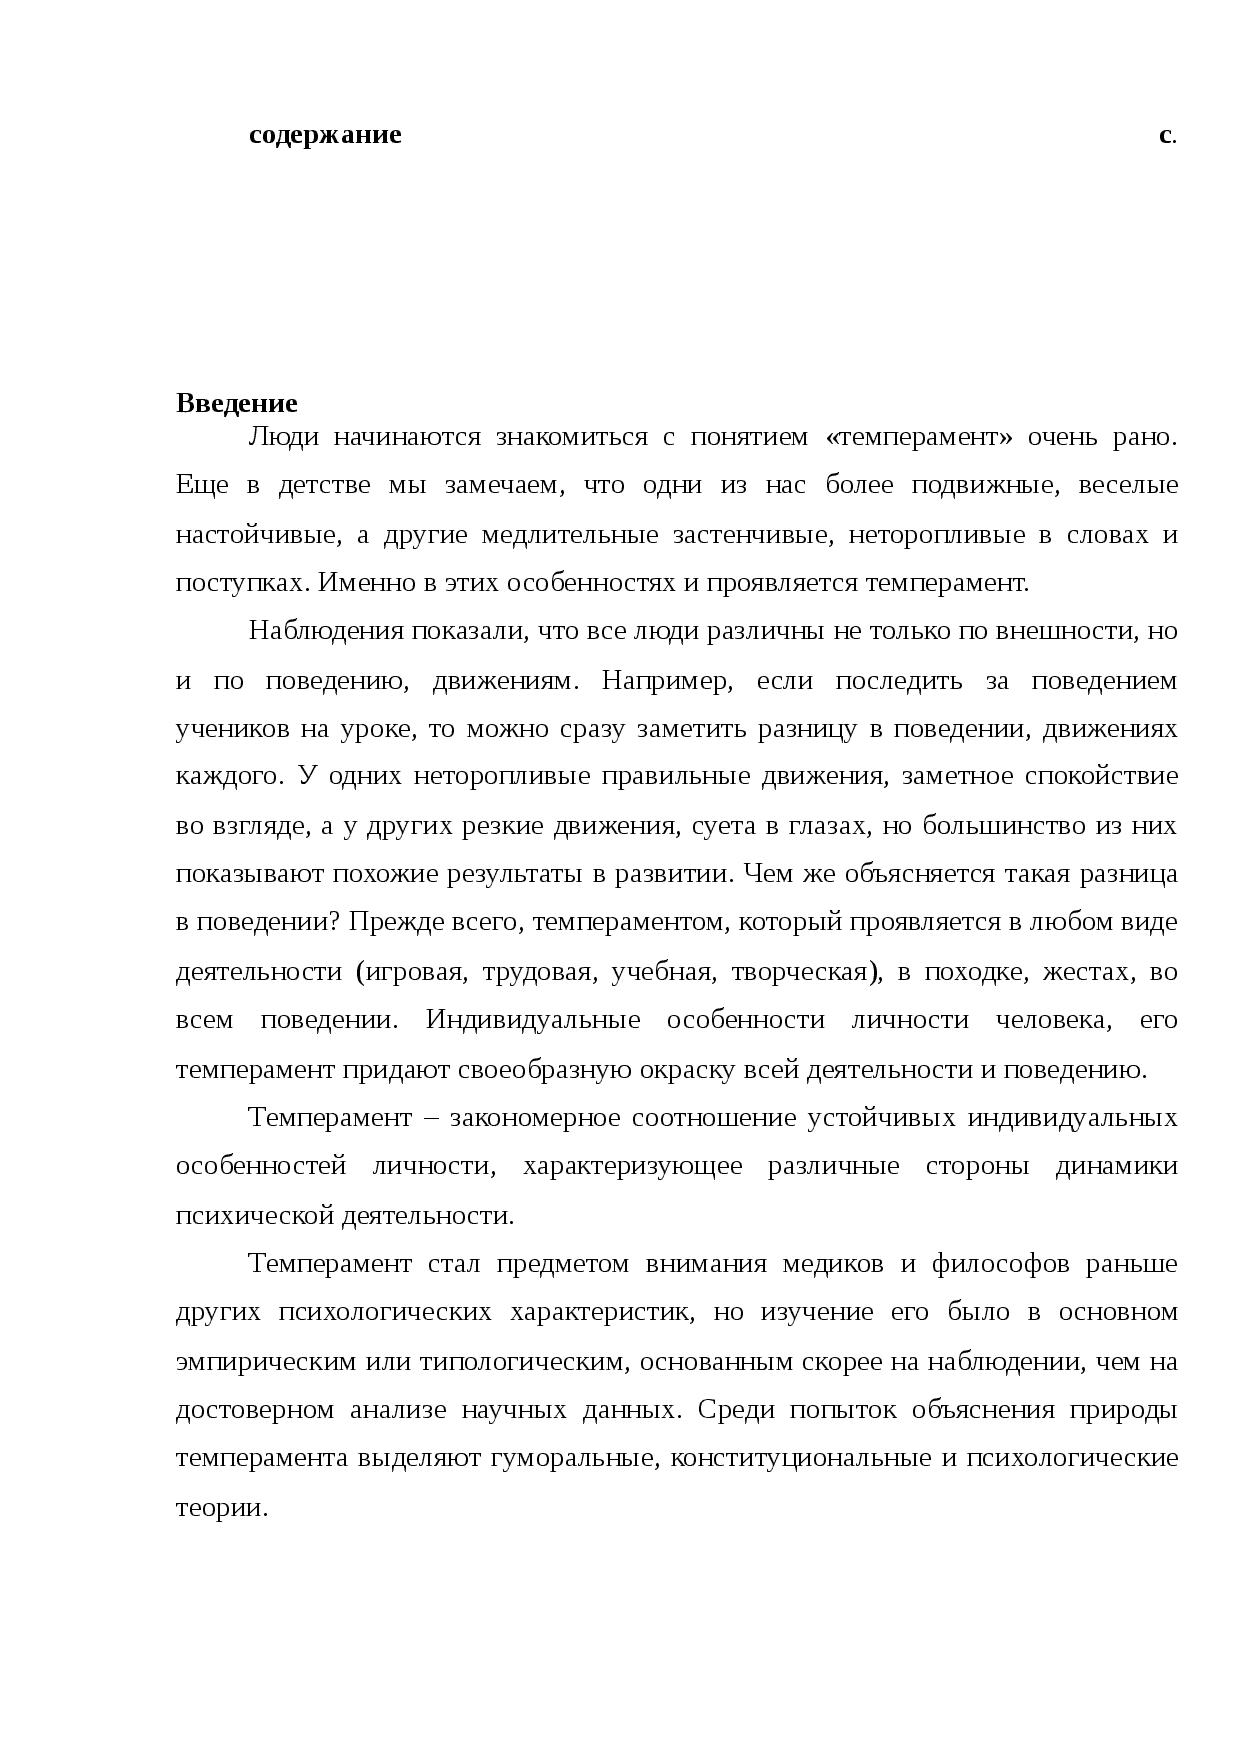 Темперамент википедия